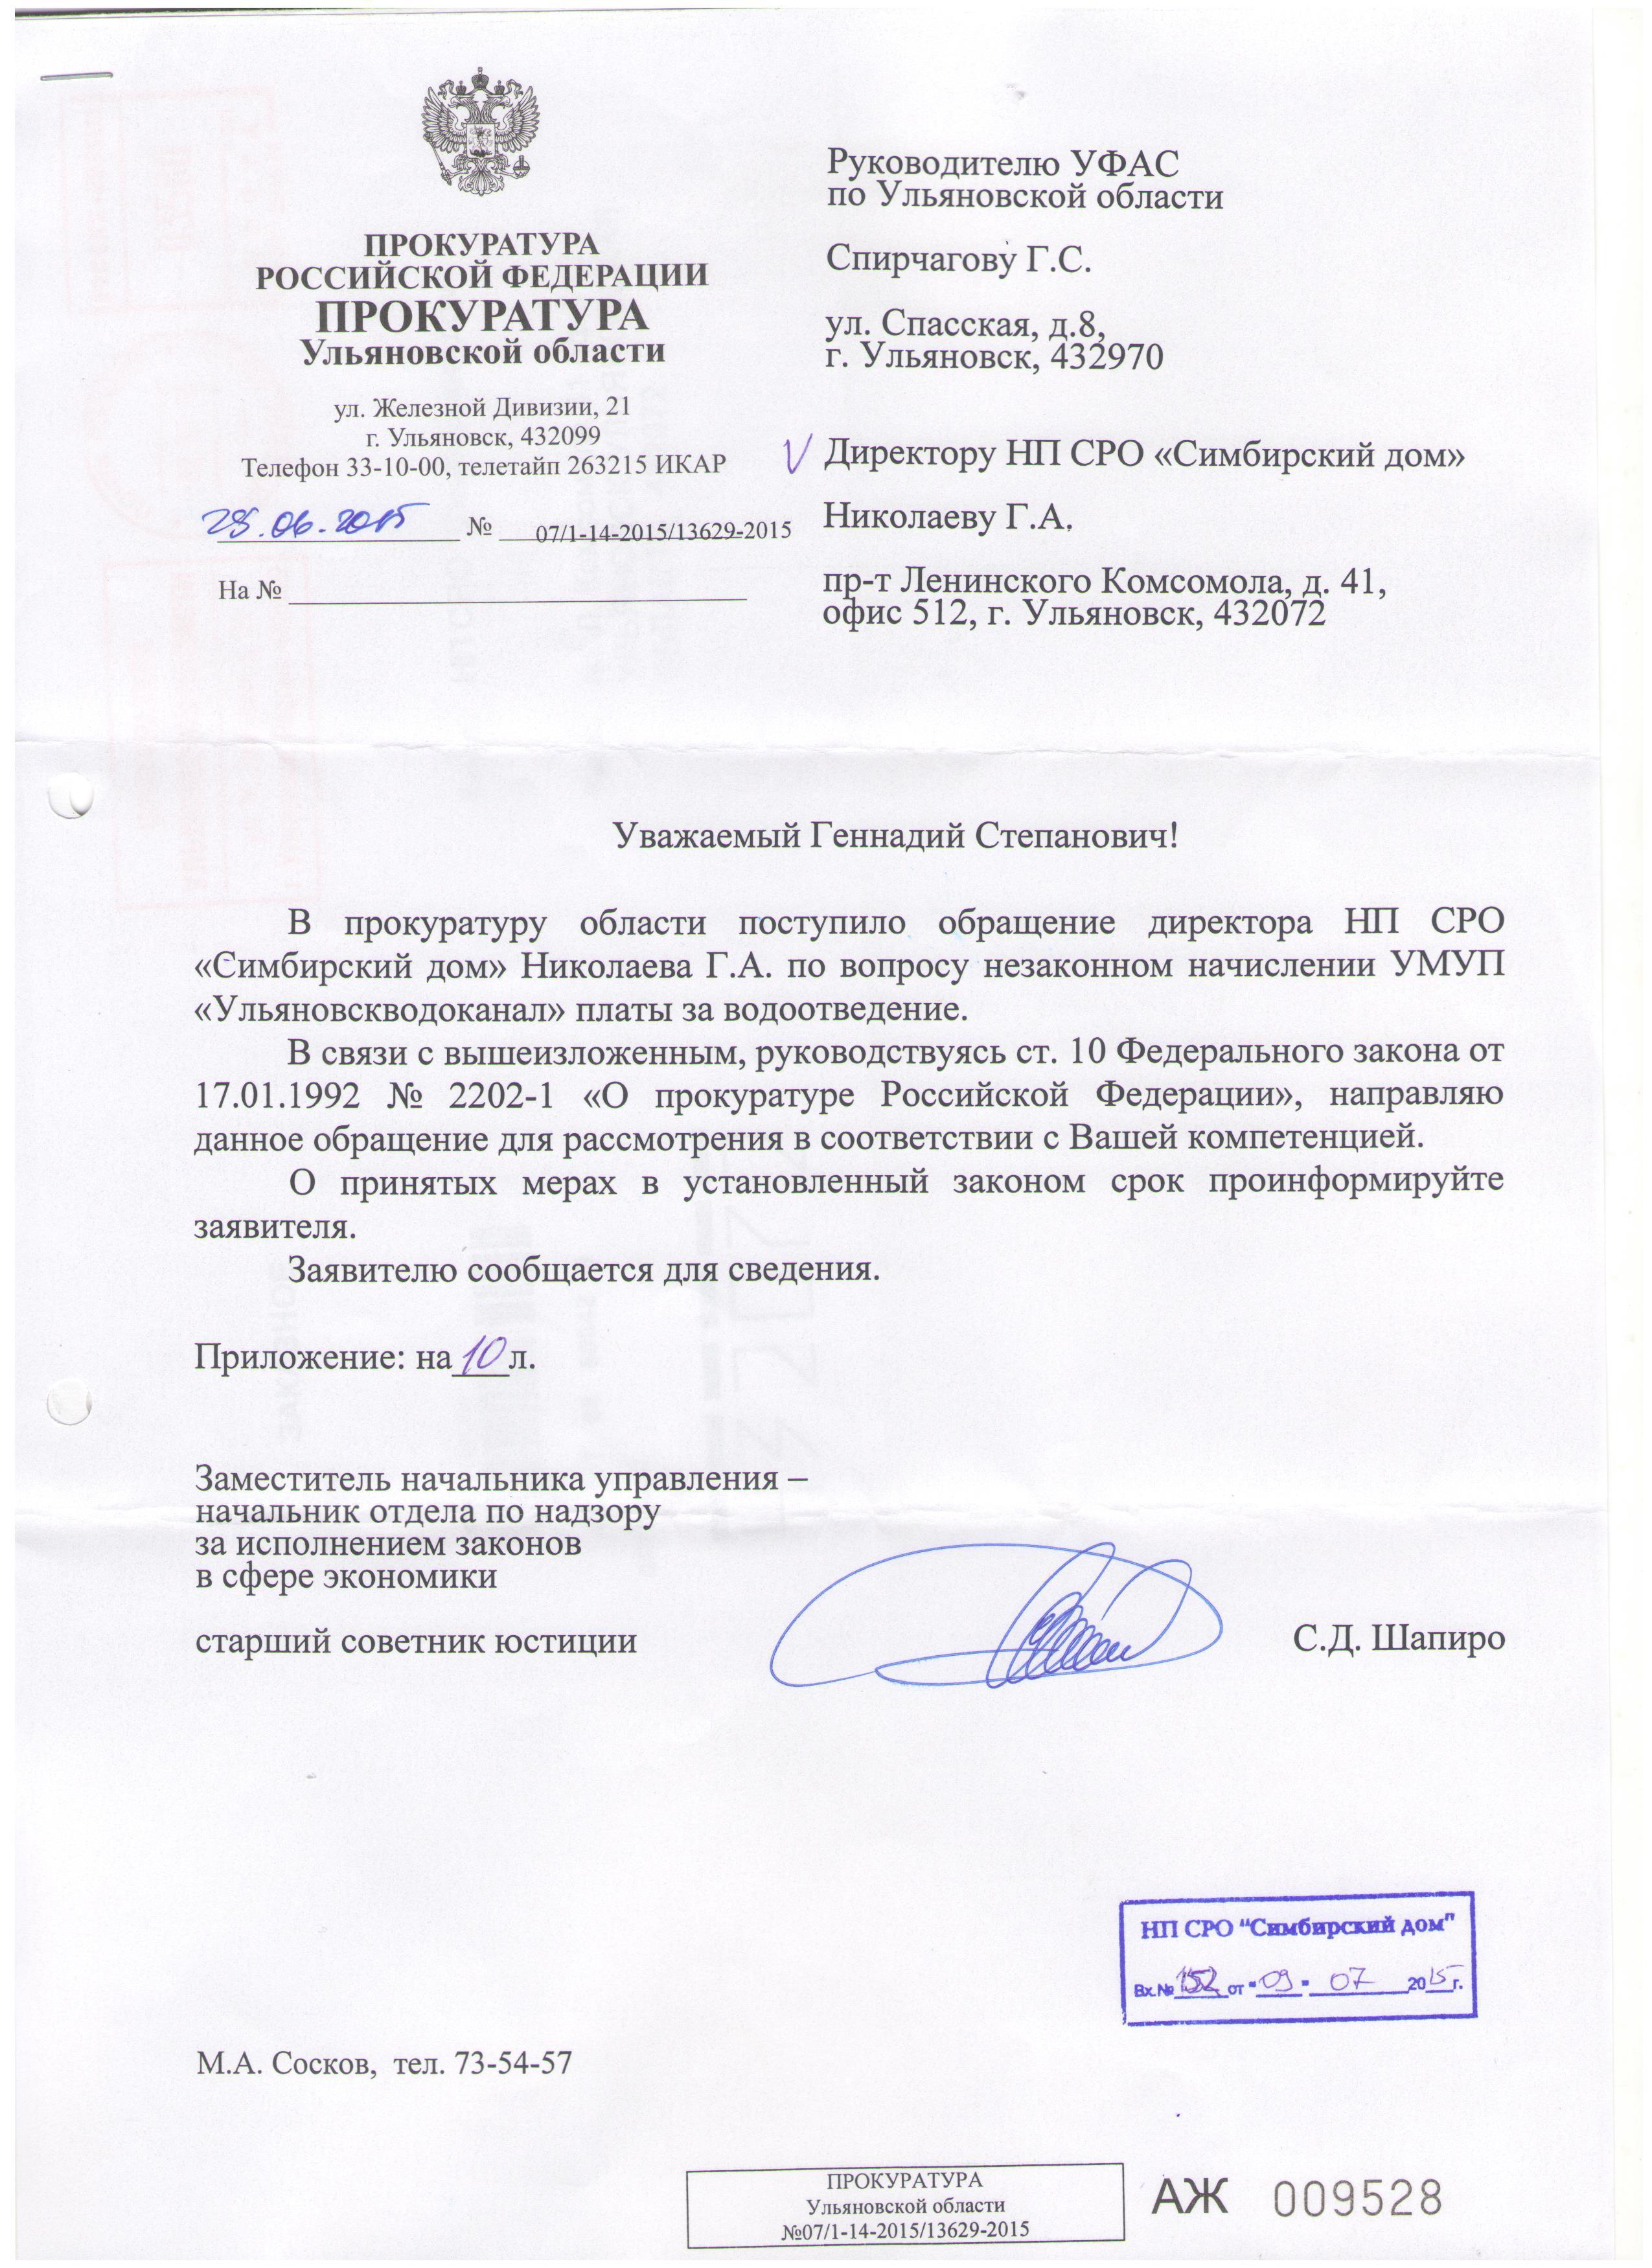 Вх.№152 от 09.07.2015 Письмо Прокуратуры У.о. по вопросу водоотведения